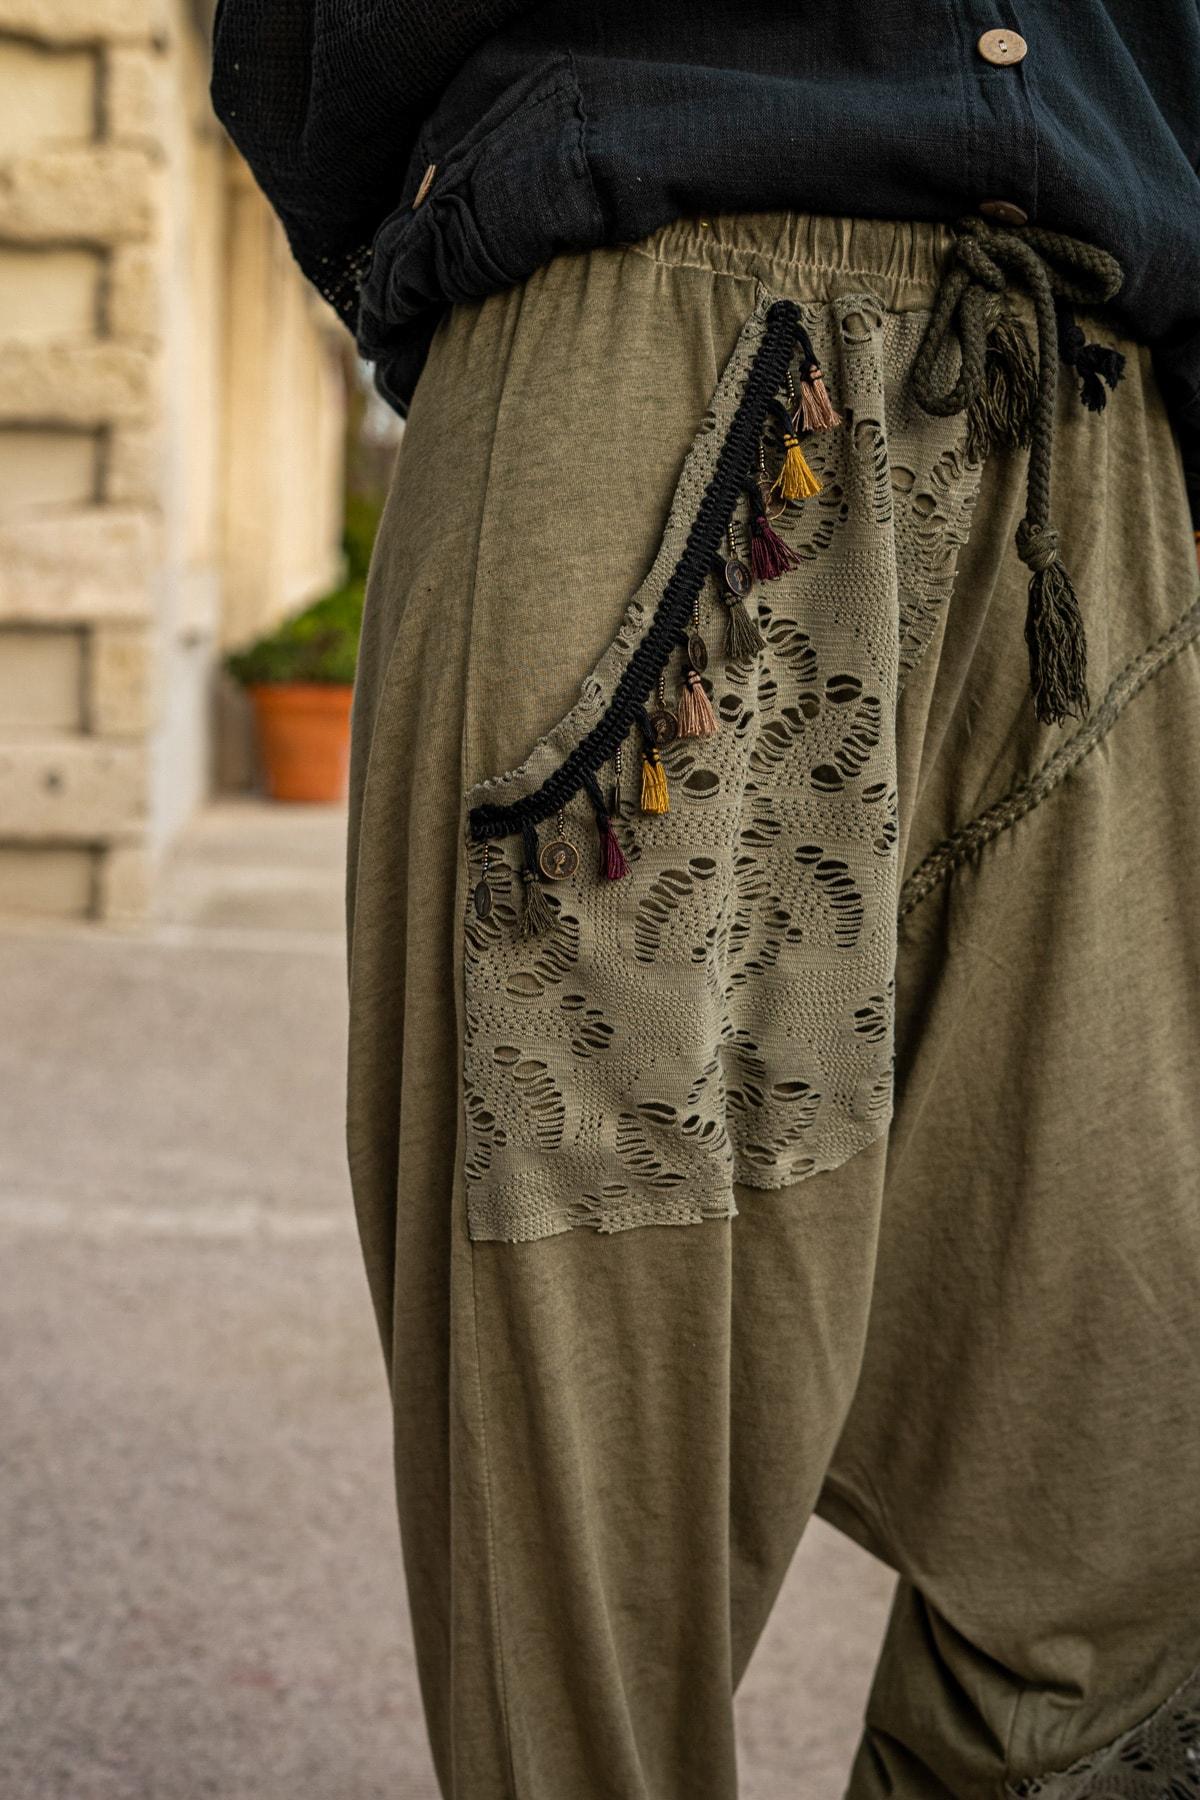 Güneşkızı Kadın Haki Yıkamalı Püsküllü Ajur Detaylı Şalvar Pantolon GK-RSD2024 1